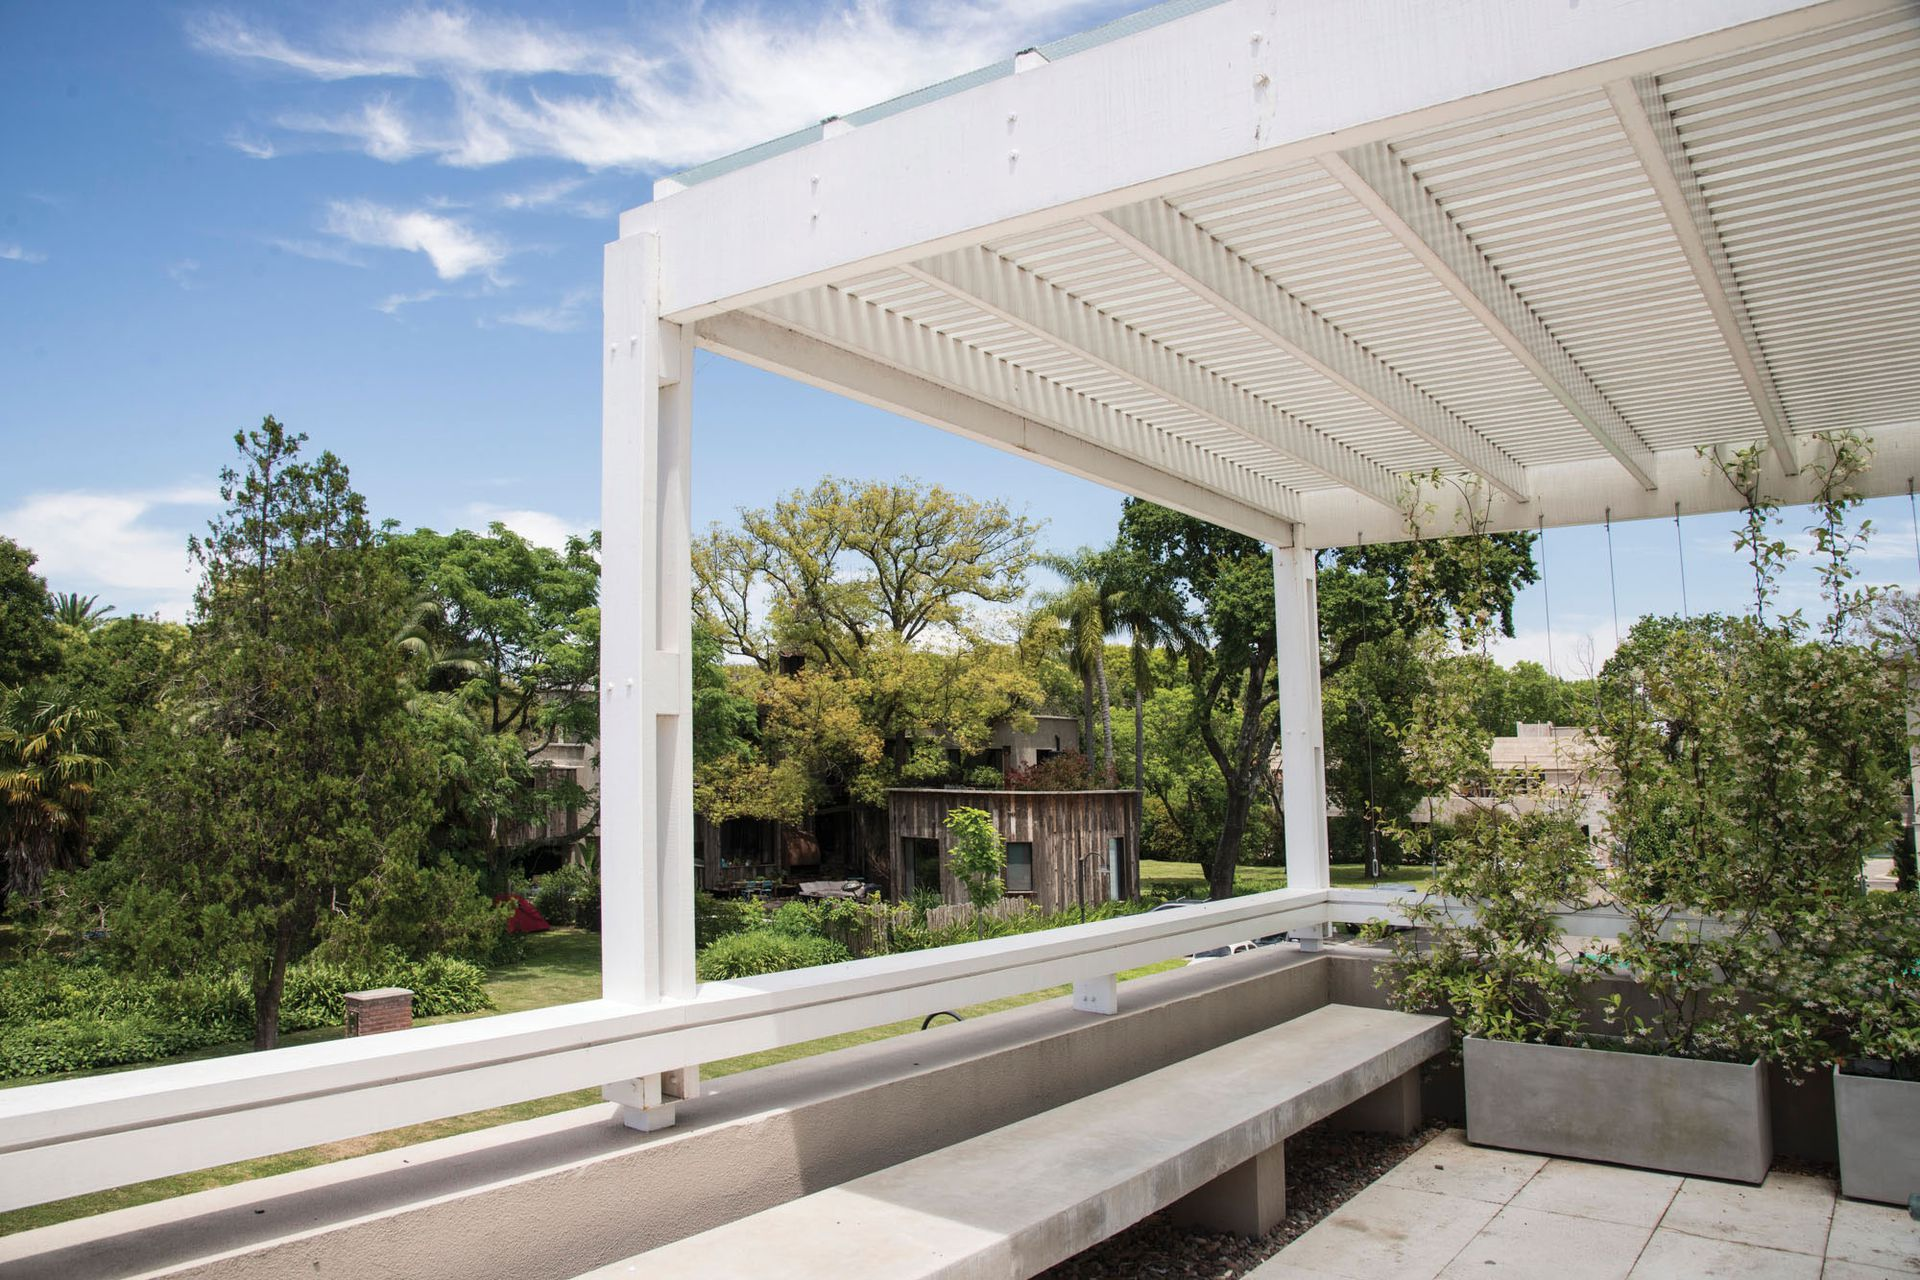 Pérgola que genera sombra inmediata y permite el uso de la terraza como expansión del salón de usos múltiples.